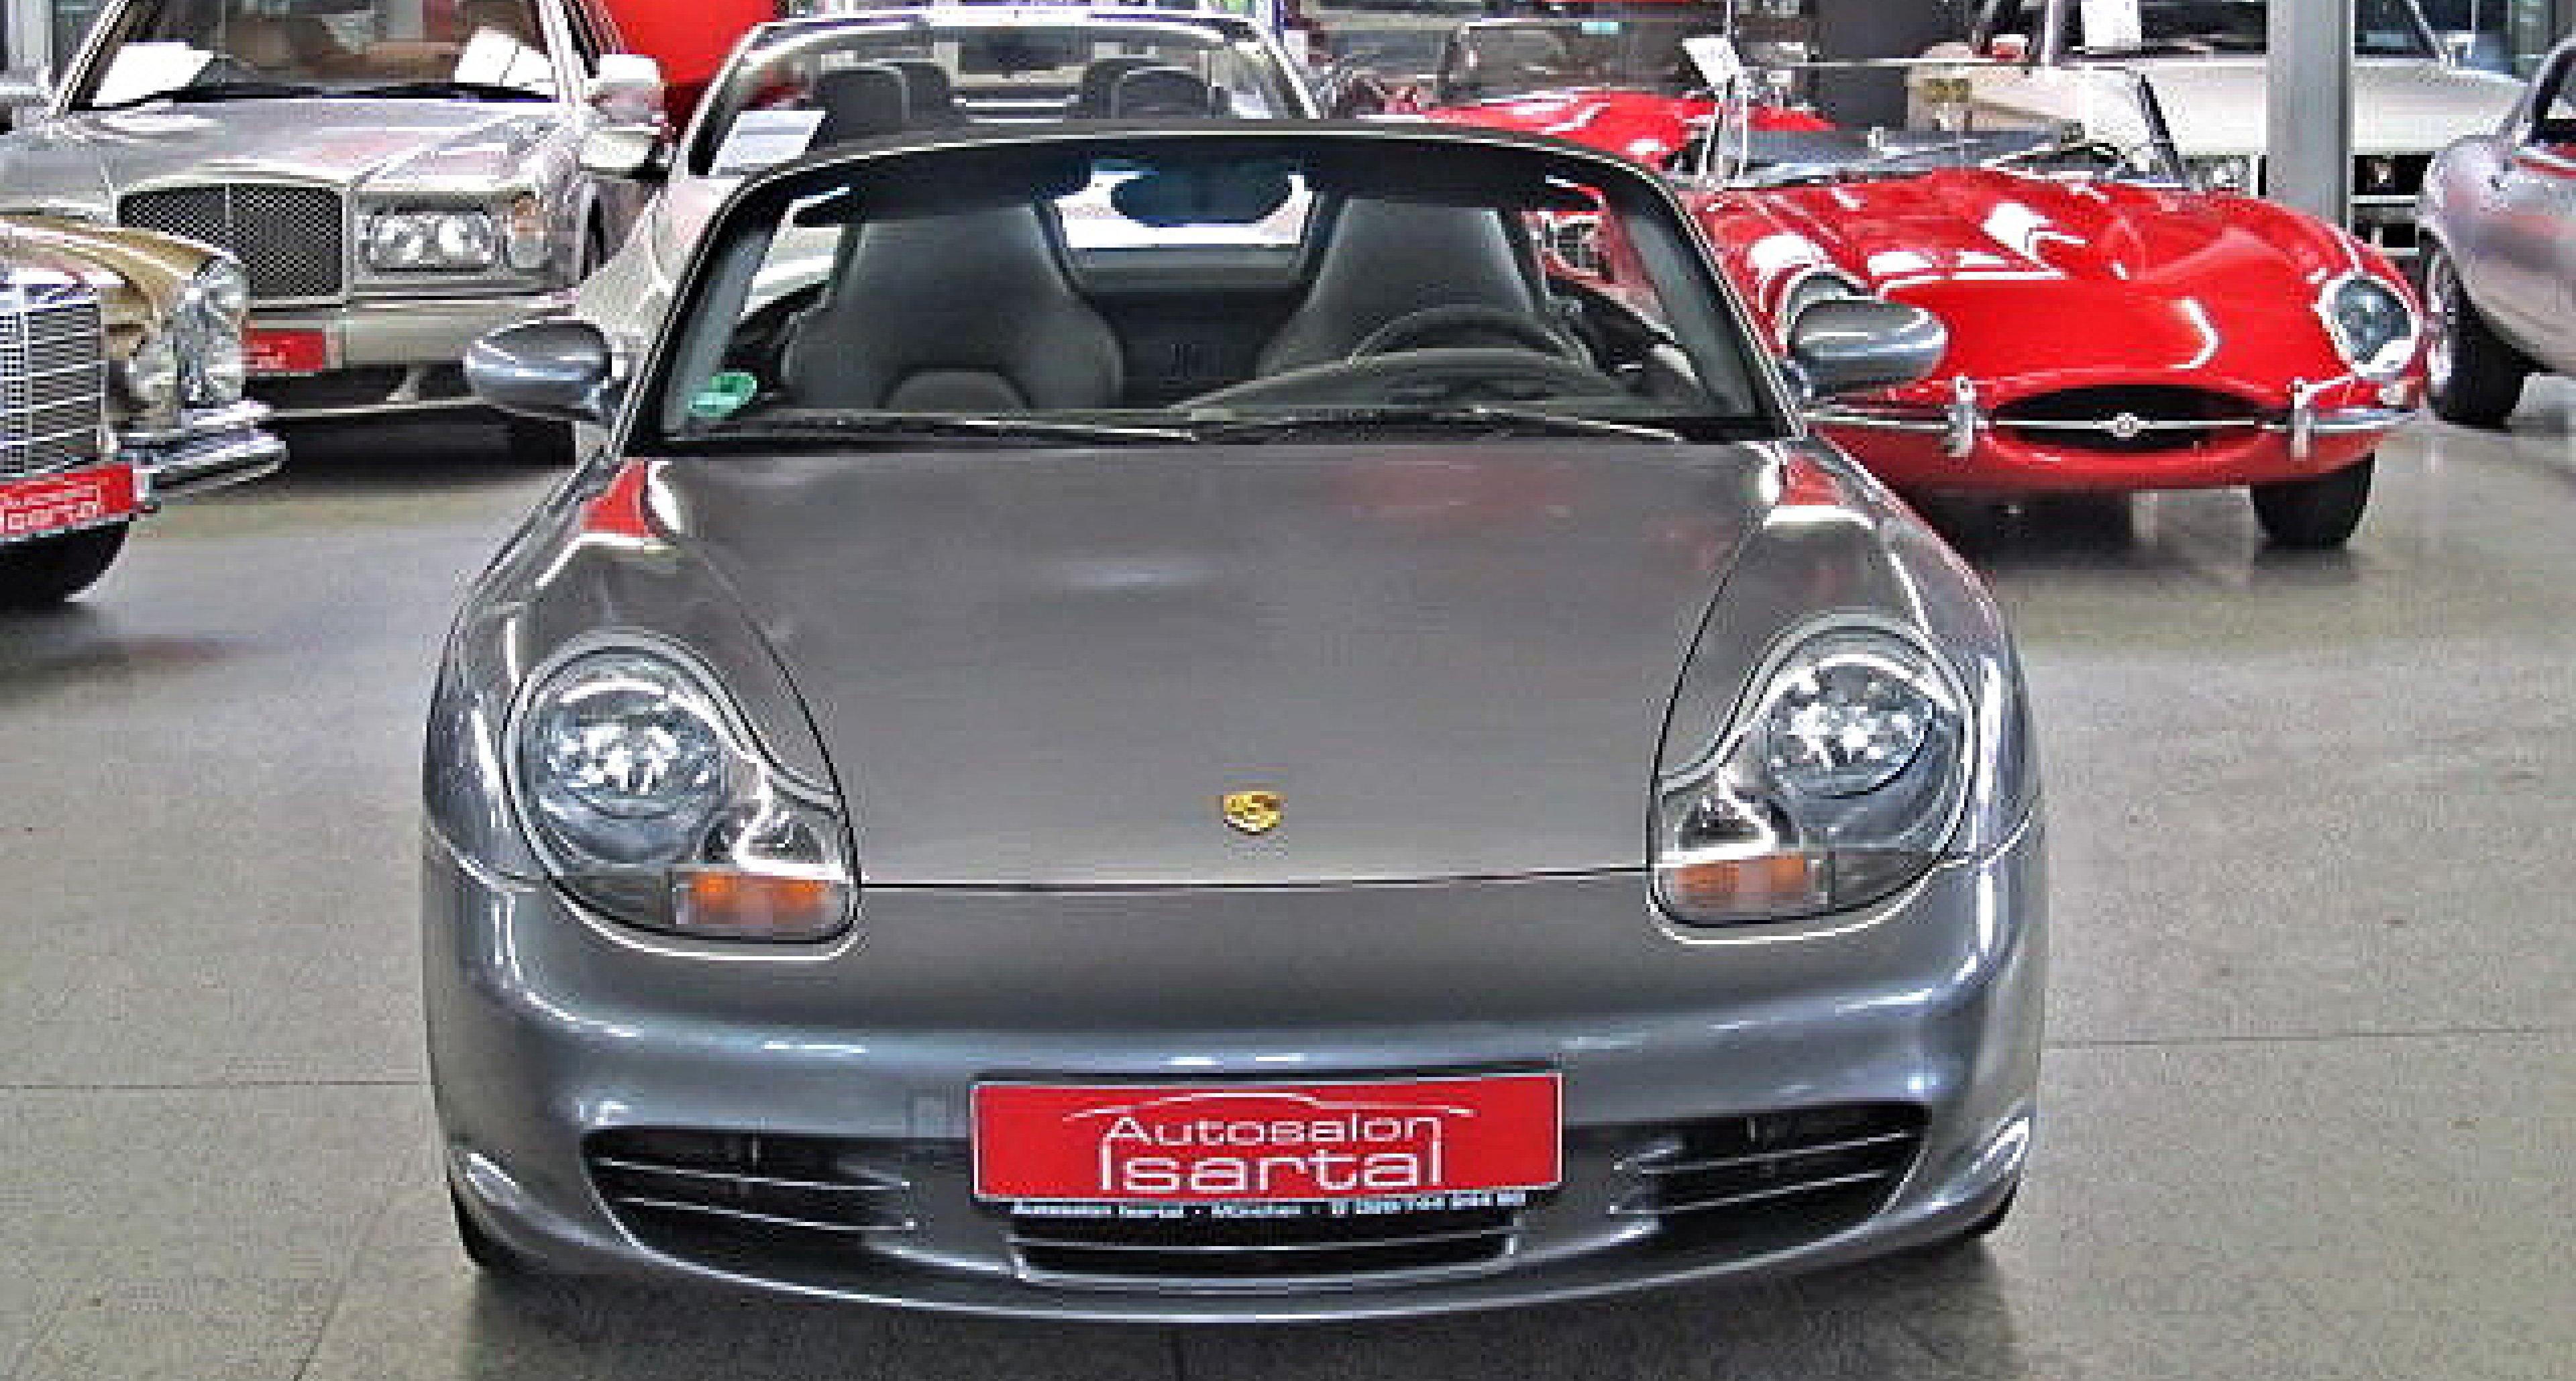 Porsche Boxster: Cutting edge, or cutting hair?